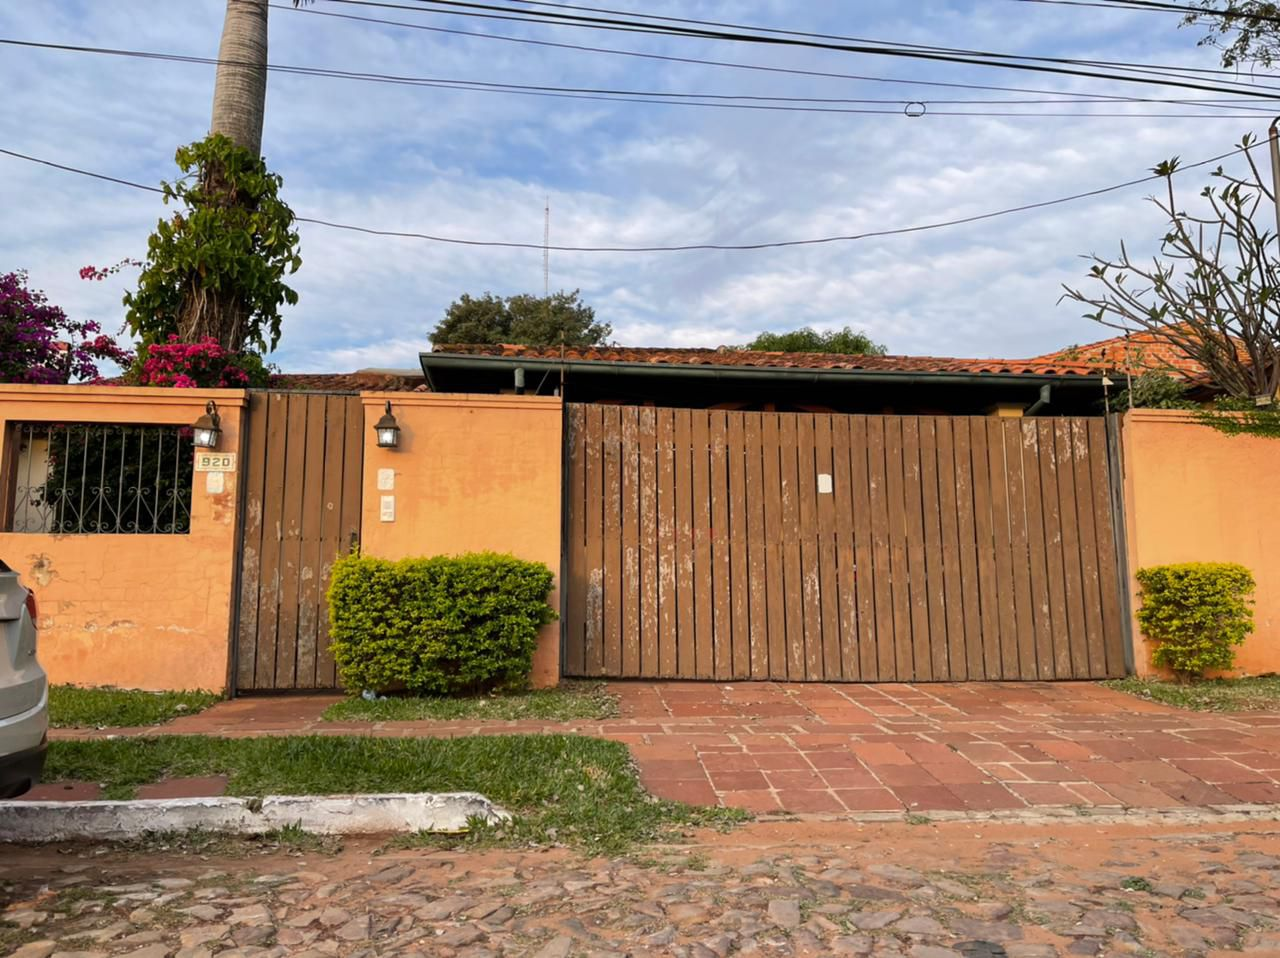 Esmeralda 920. Detrás de estas murallas, la denuncia contra Fernando Román es un cuento.